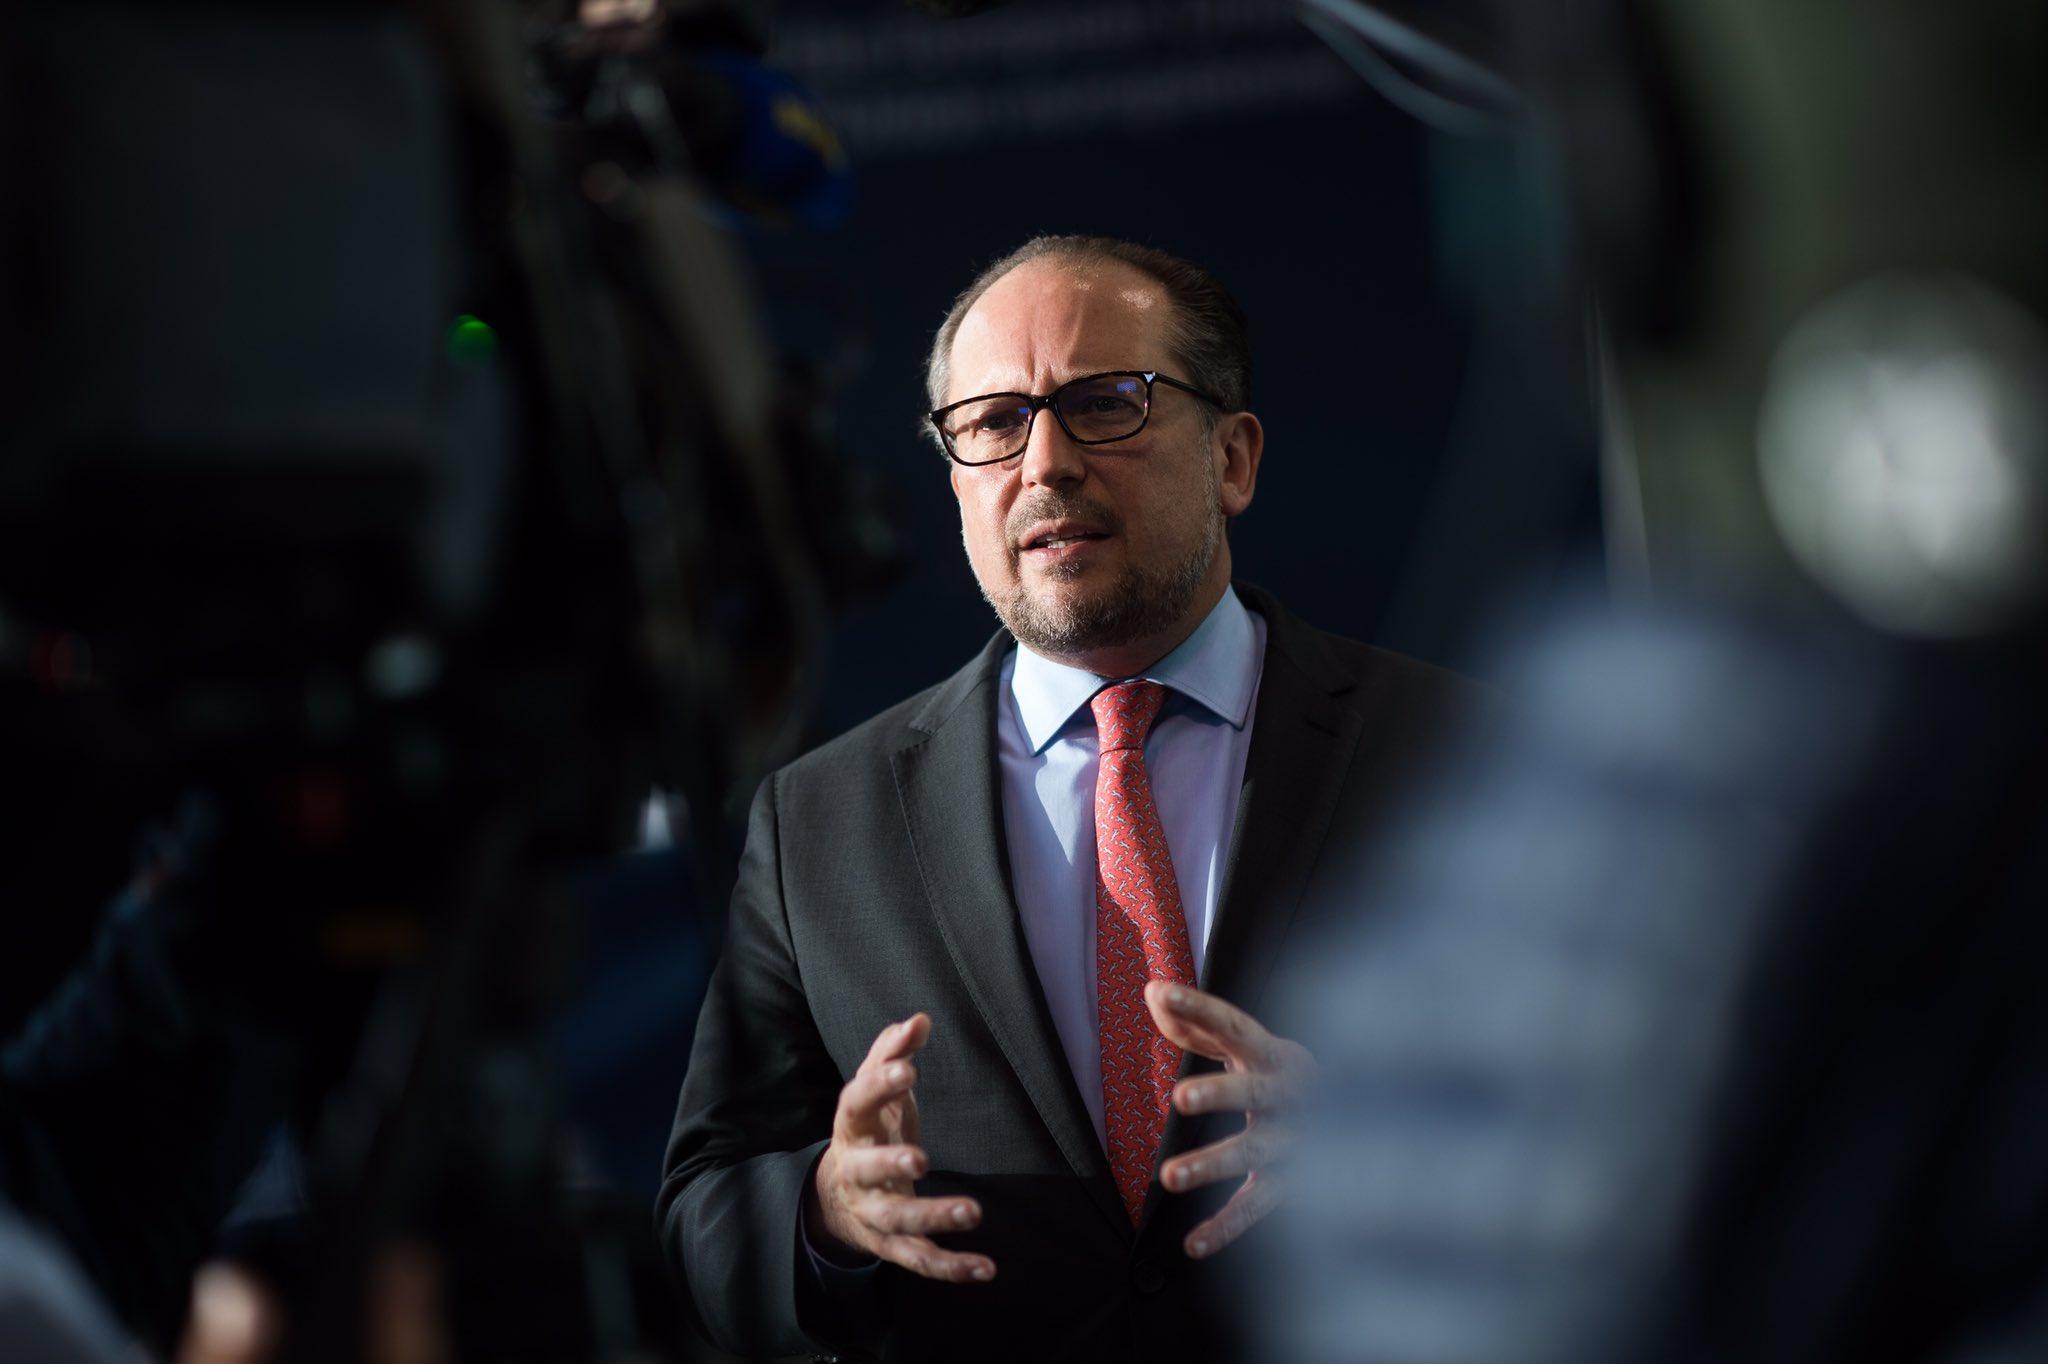 奧地利外長新冠陽性, 曾參加歐盟外長會議-圖1